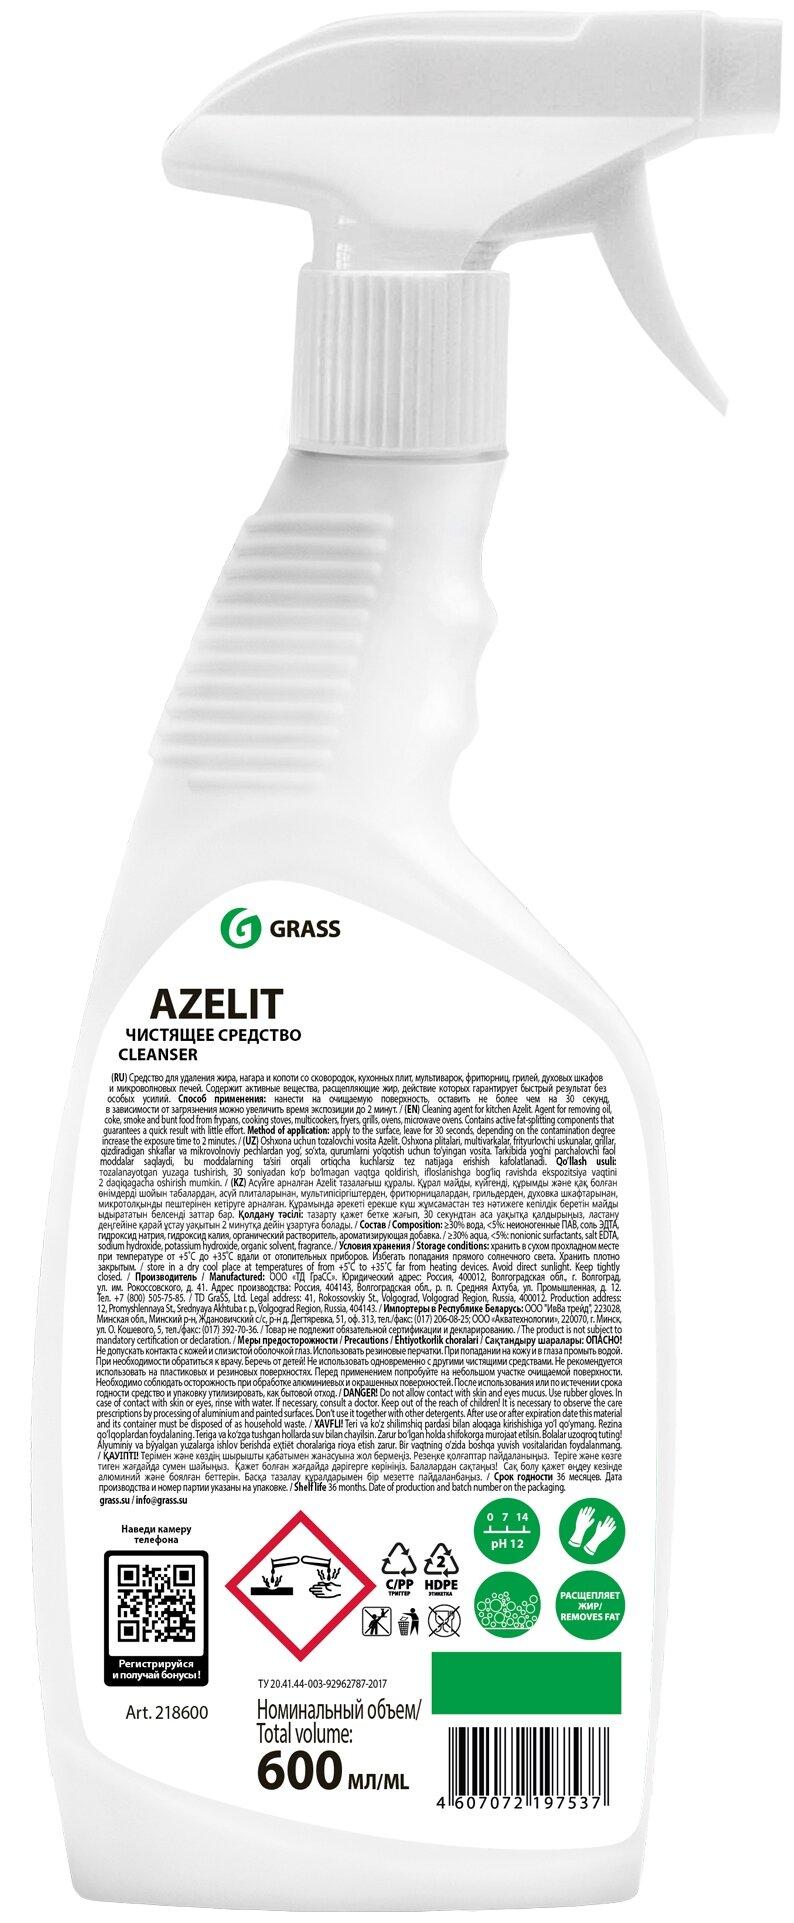 Чистящее средство для кухни Azelit Анти-жир Grass - назначение: для металлических поверхностей, для стеклокерамики, для эмалированных поверхностей, для СВЧ, для кухонных плит, для духовых шкафов, для грилей, для удаления застарелого гриля